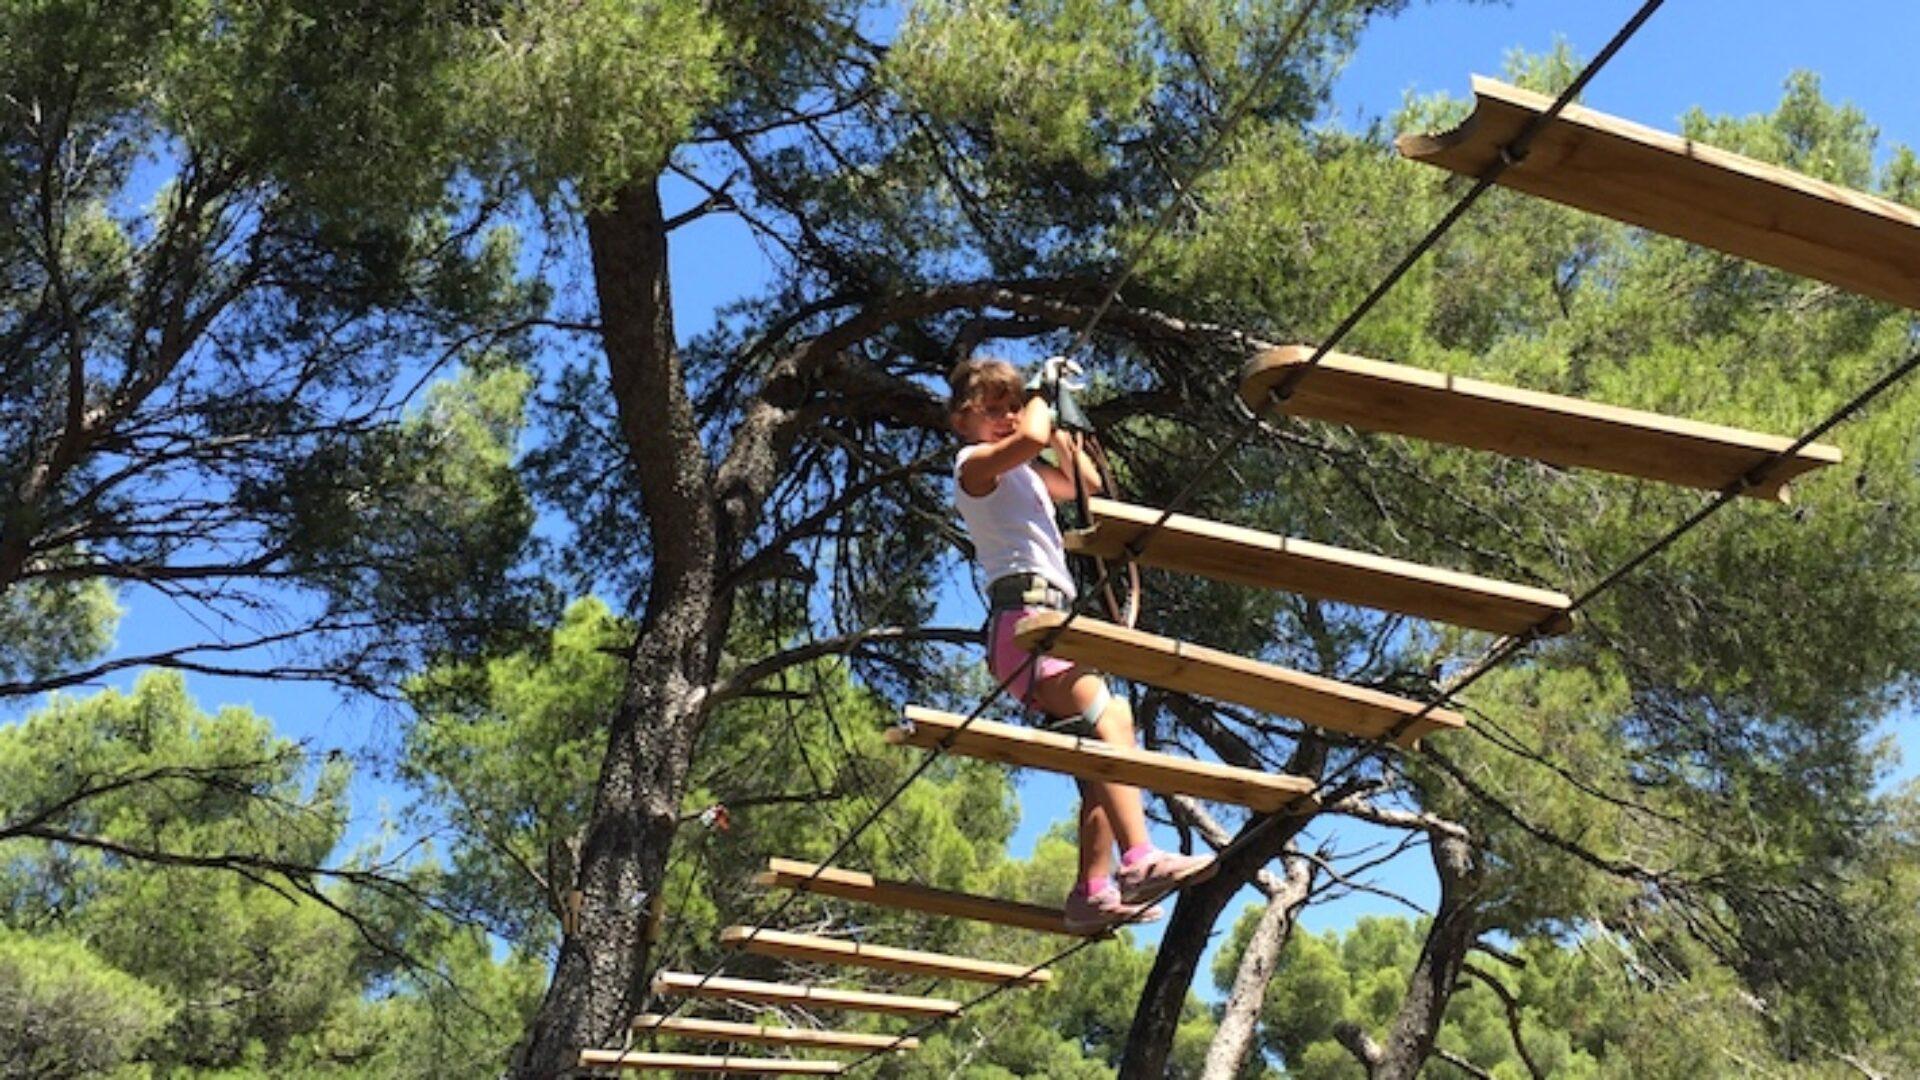 Les parcs d'attractions et de loisirs à Aix-en-Provence et aux alentours